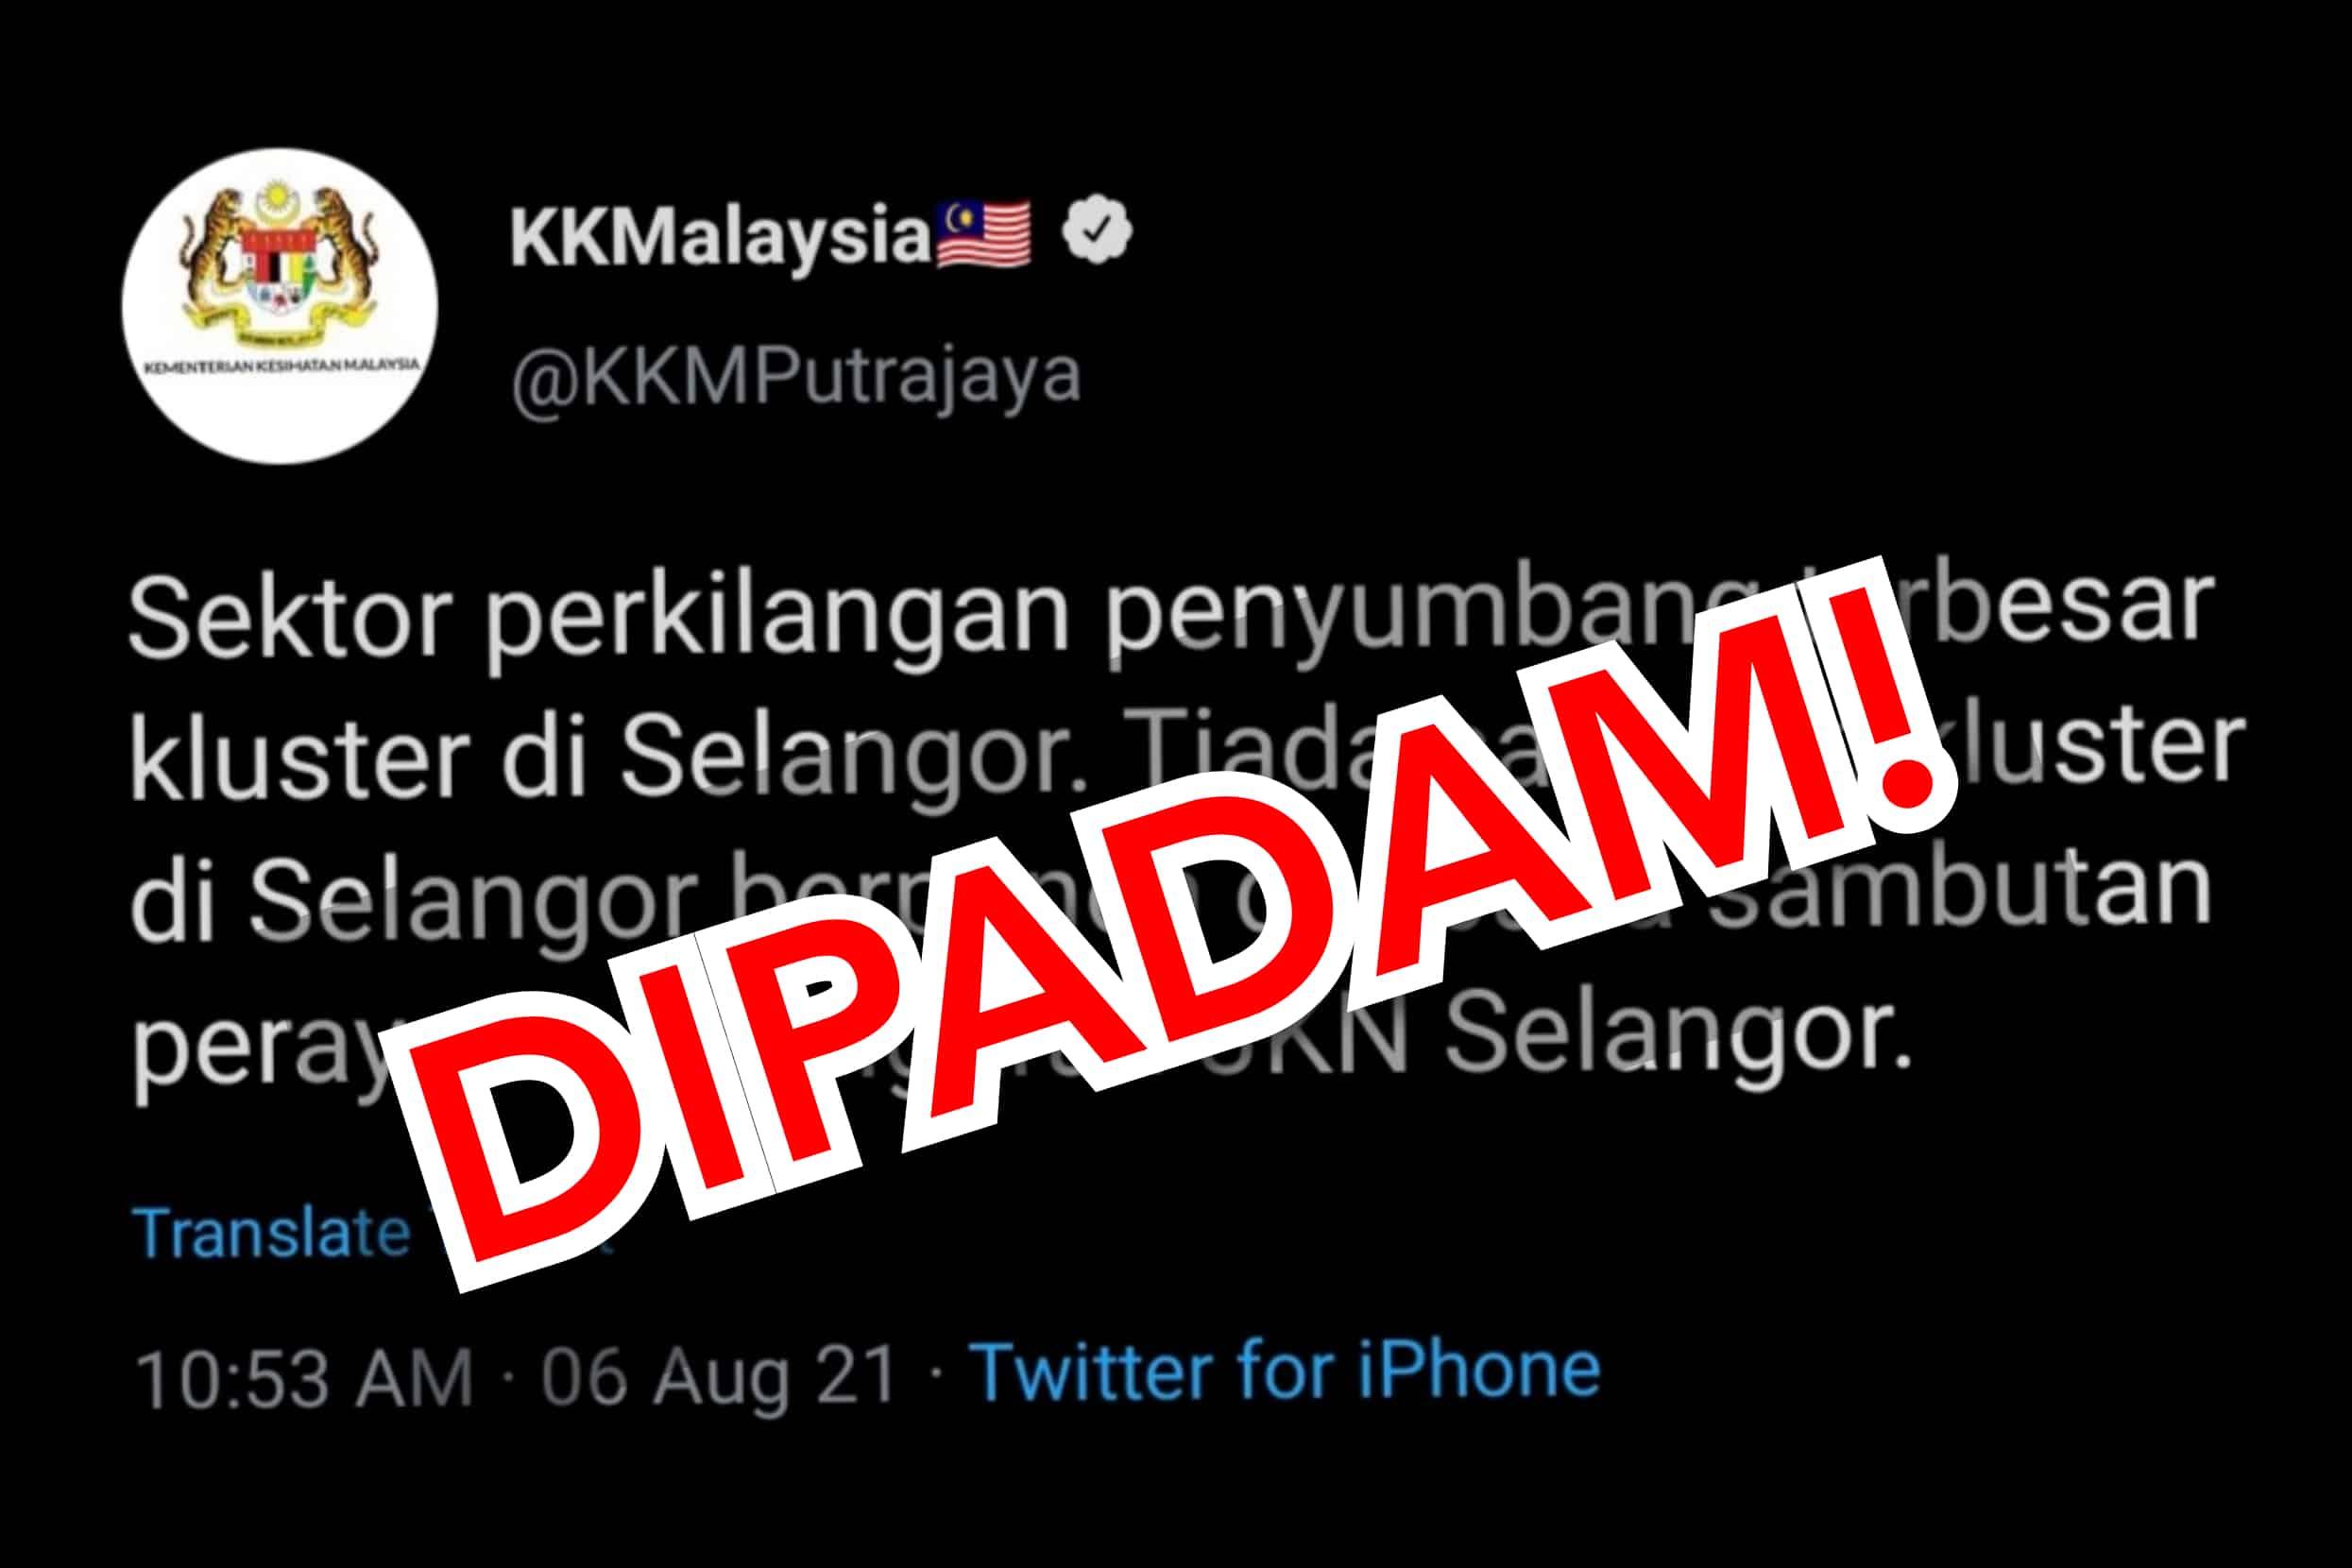 KKM padam tweet kluster kilang penyumbang terbesar di Selangor